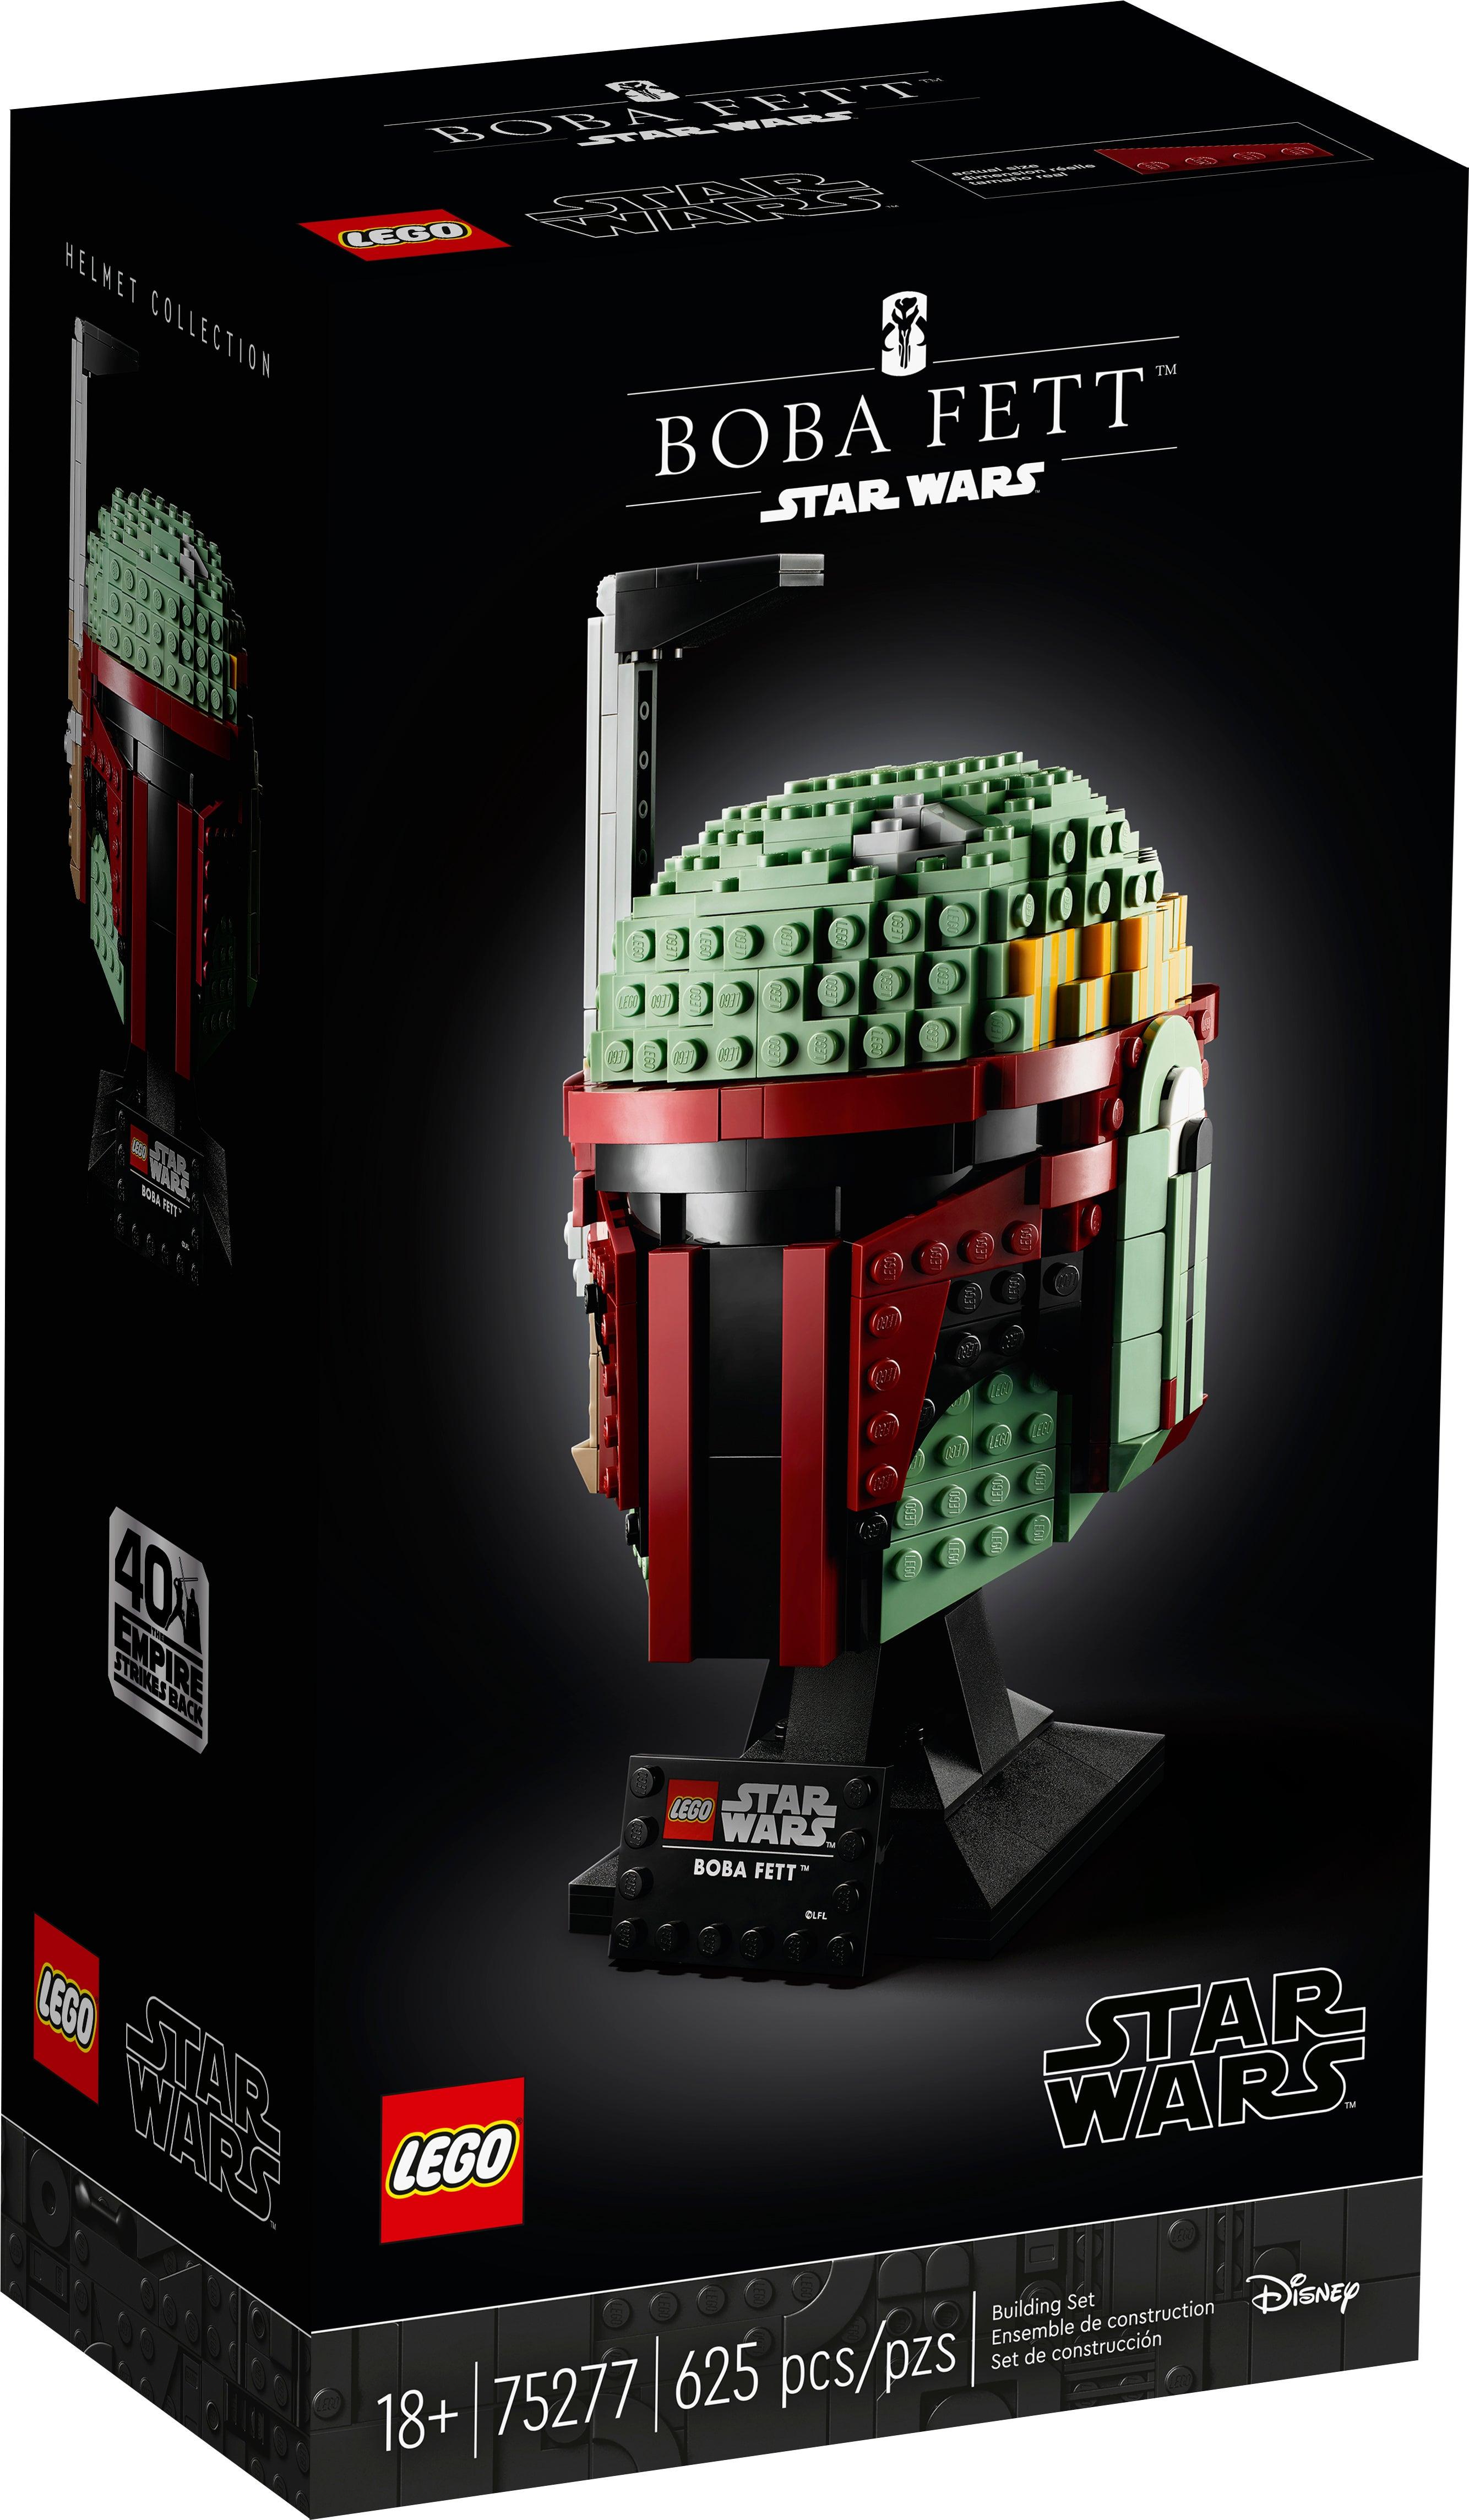 LEGO Star Wars Boba Fett Helmet Display Building Set 75277